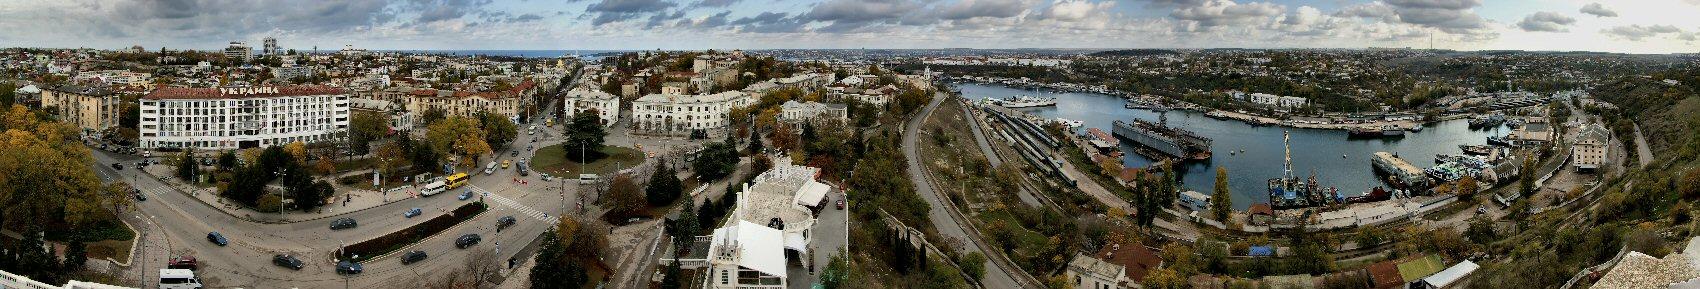 """фото """"Вид со шпиля Матросского клуба"""" метки: панорама, архитектура, пейзаж,"""